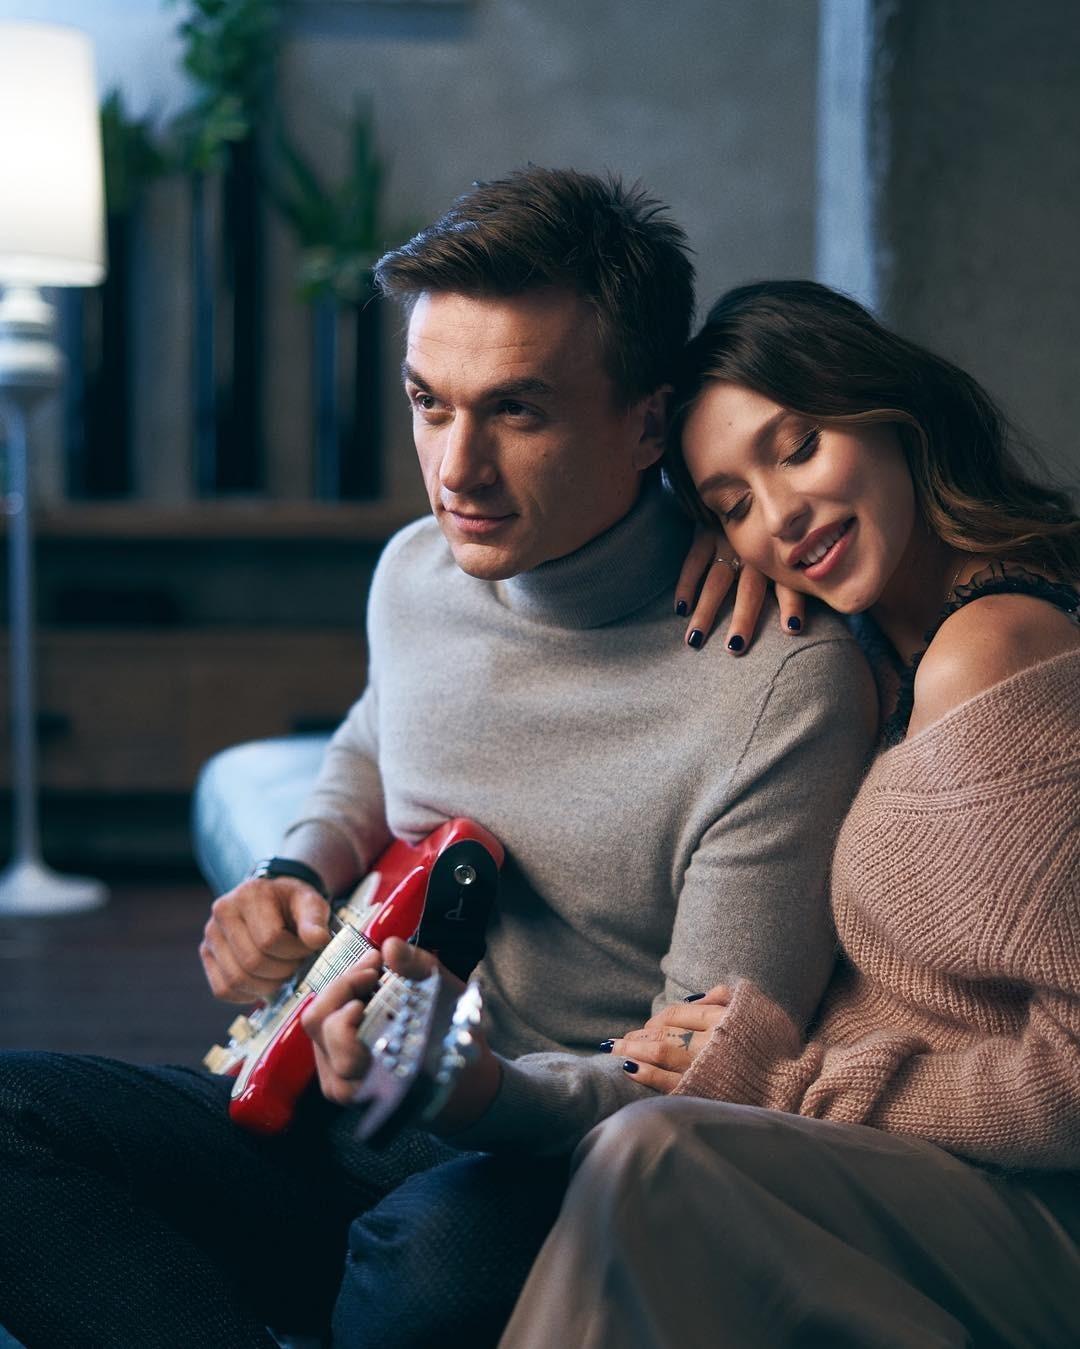 Влад Топалов показал семейное видео с супругой и маленьким сыном